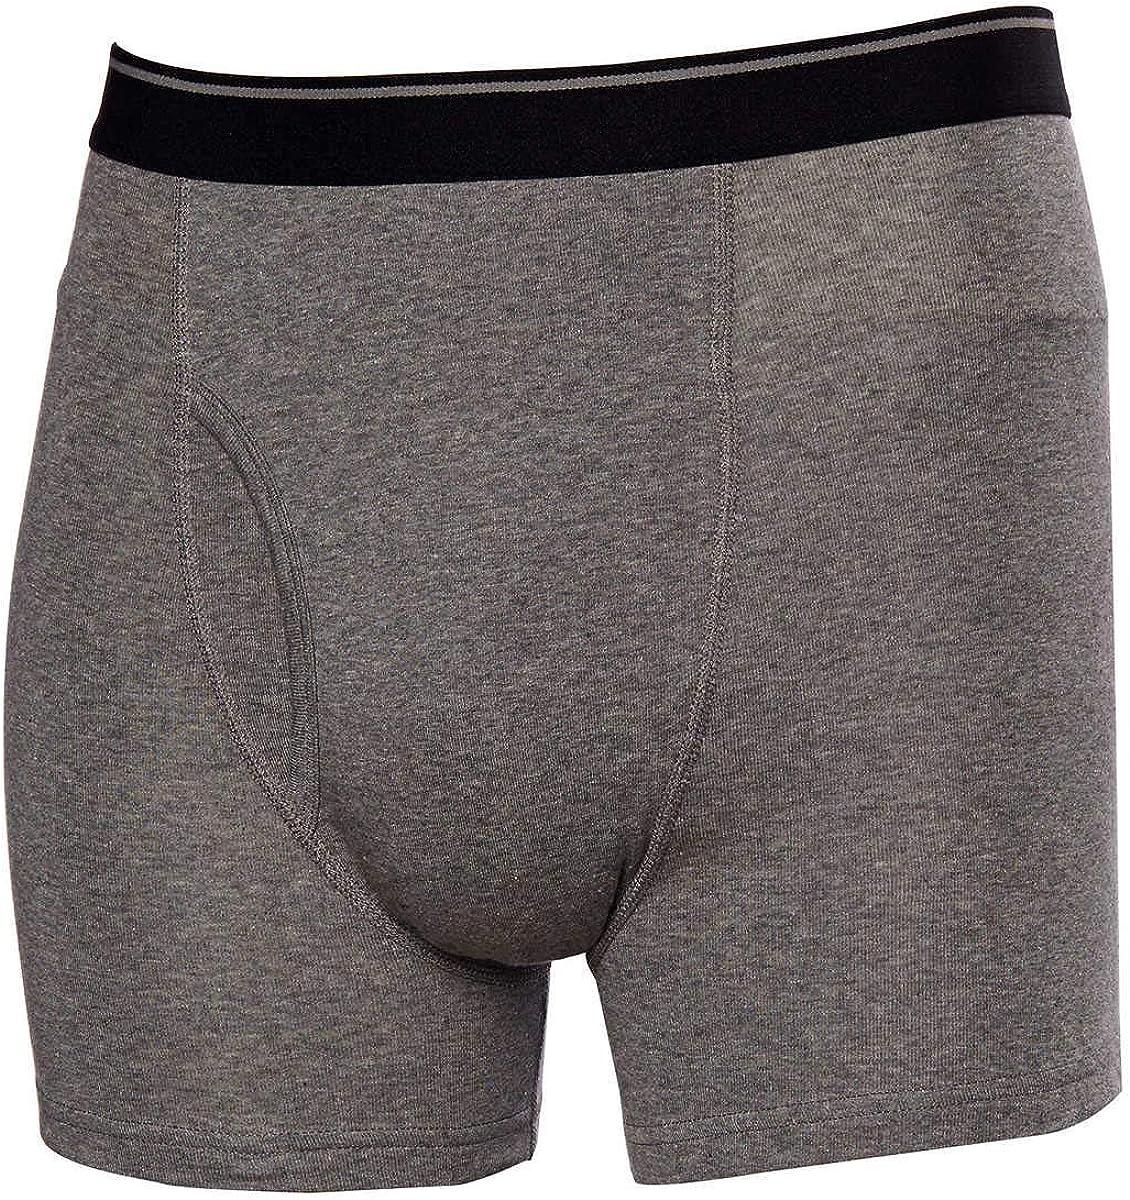 Kirkland Signature Men's Boxer Brief Pima Cotton 4 Pack